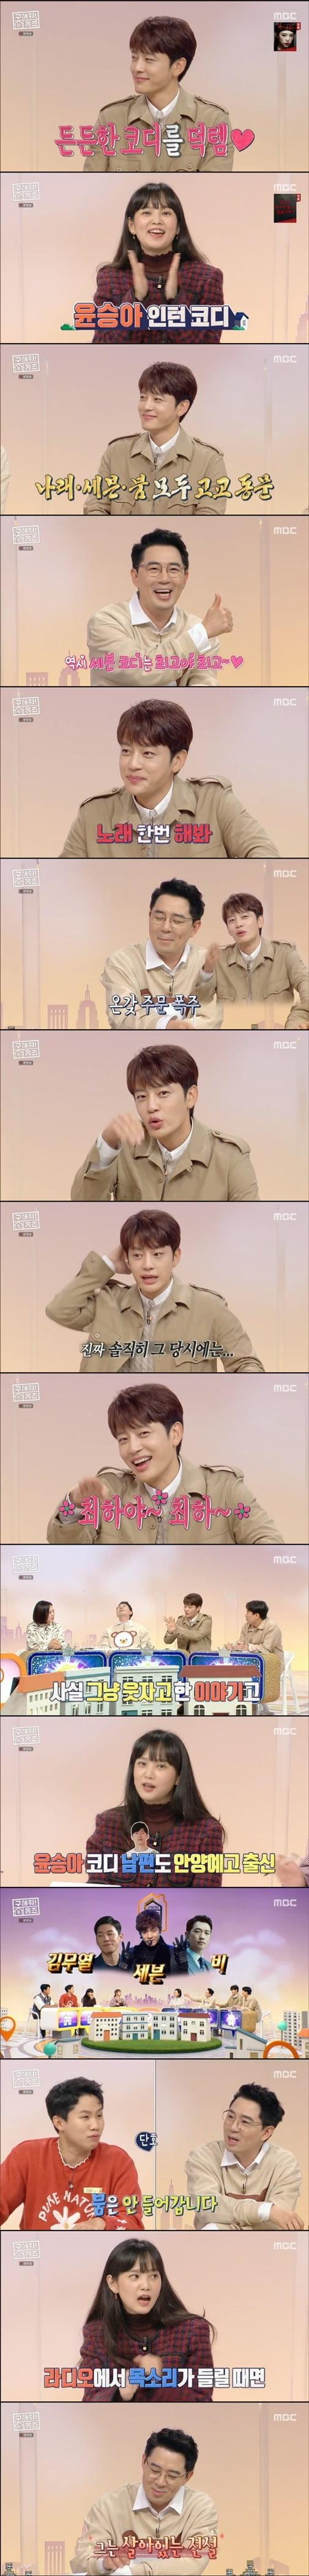 """윤승아, """"김무열, '붐' 자랑스러워해""""->붐, """"내가 이 정도"""" ('구해줘 홈즈')"""